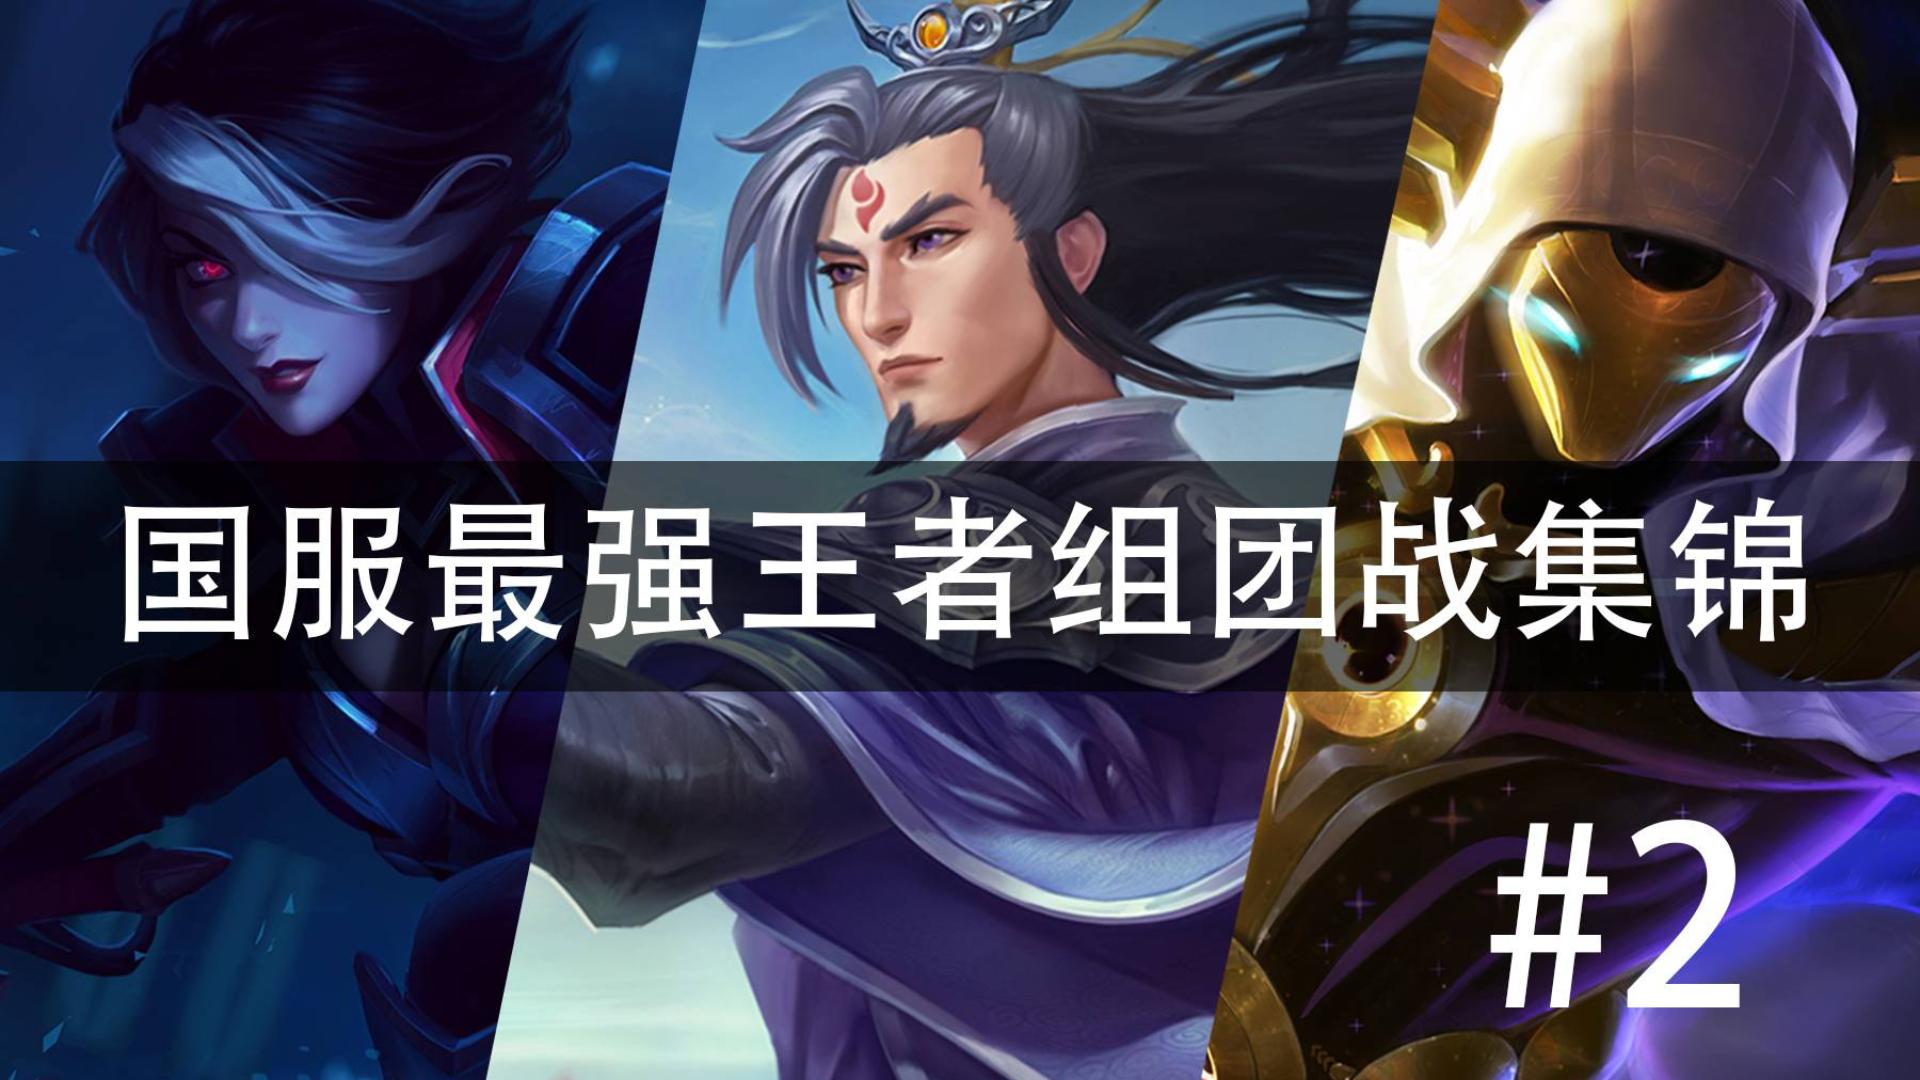 国服最强王者组团战集锦#2  年会阳光普照,愤而更新